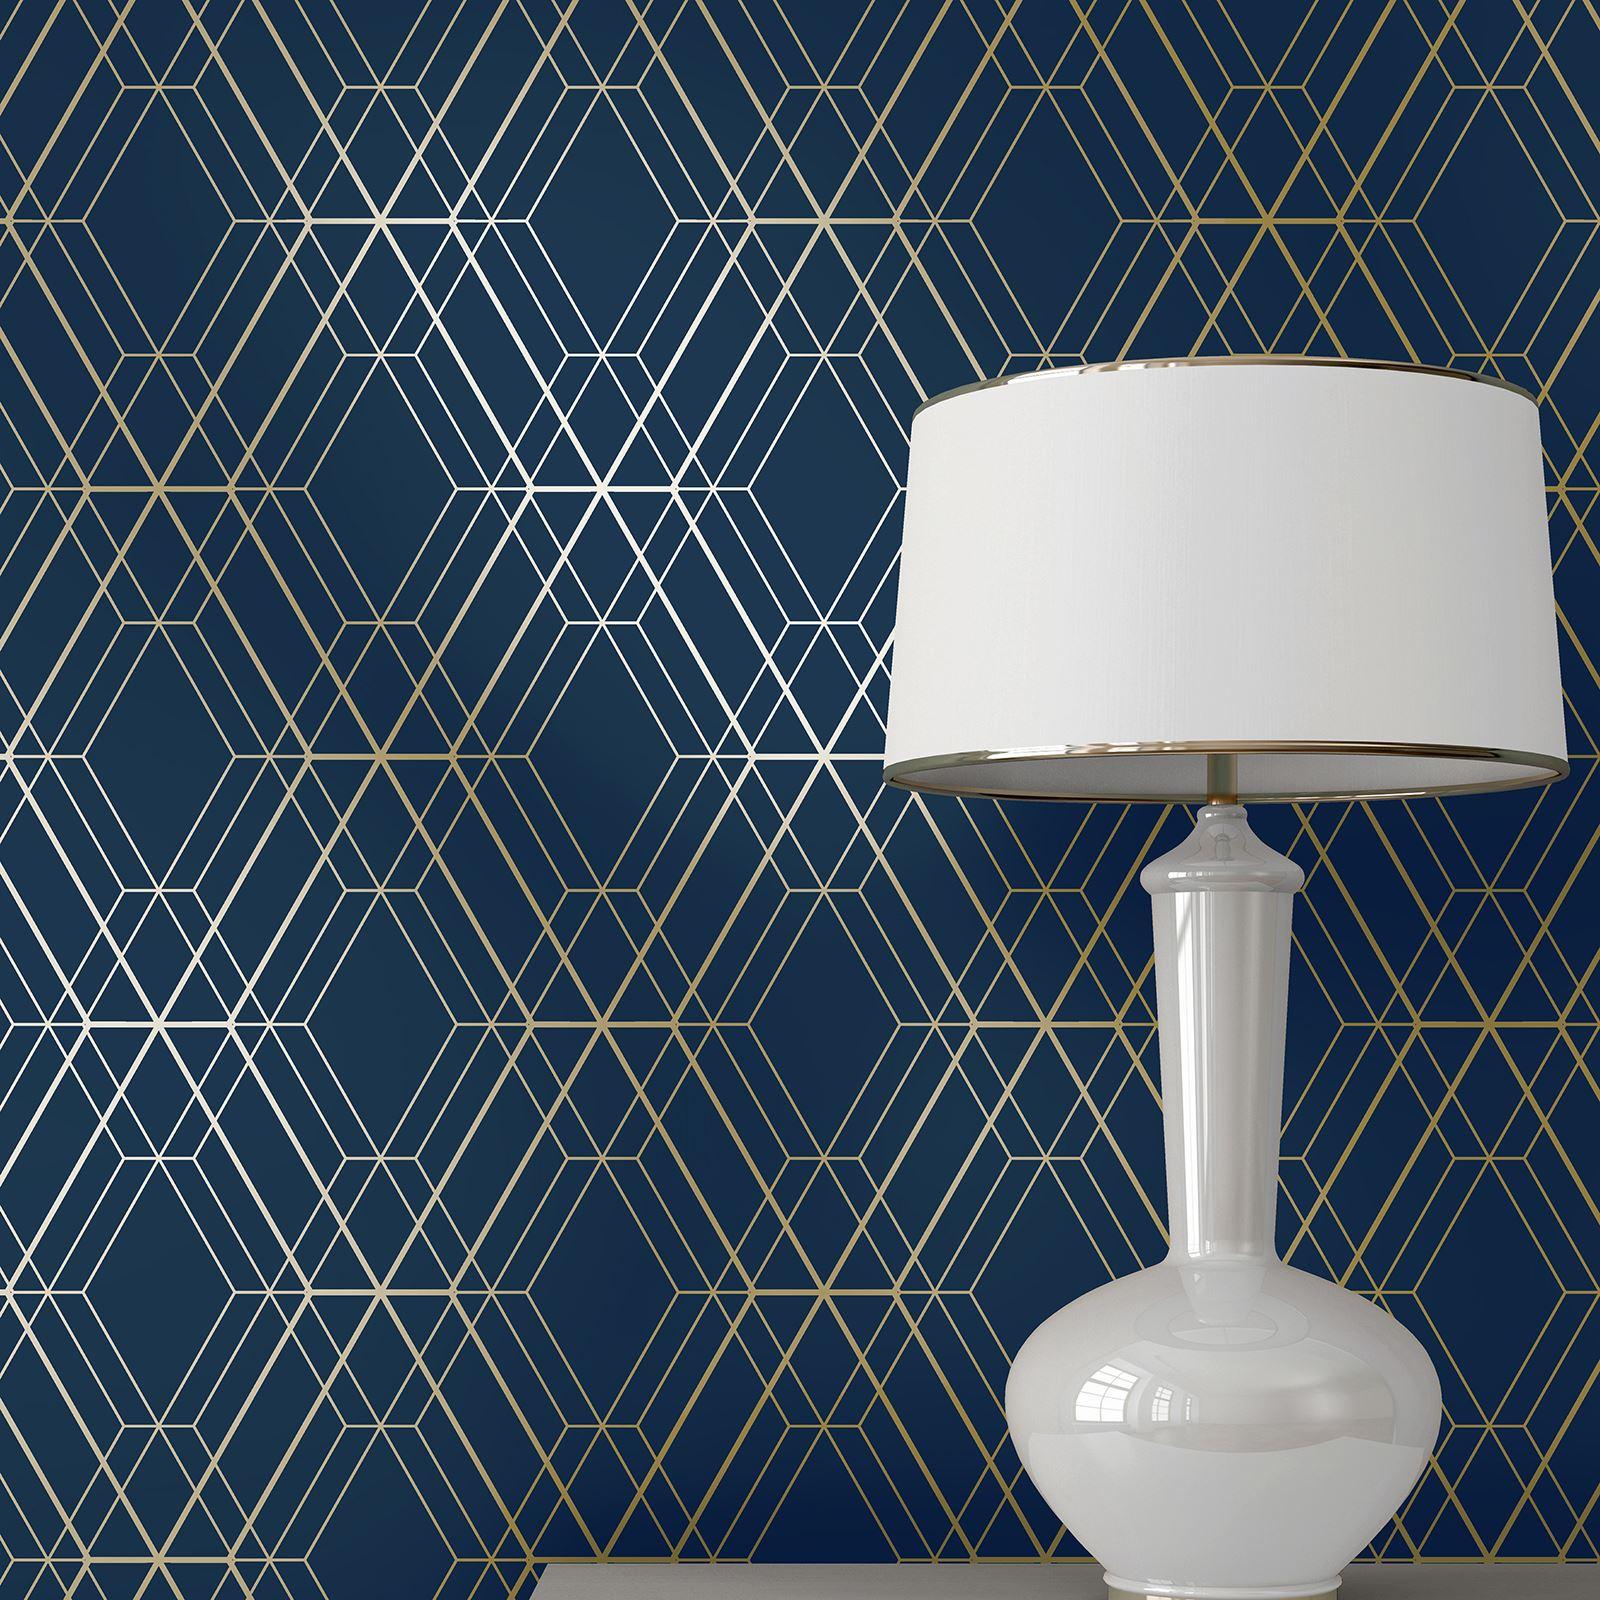 bleu nuit marine fonc papier peint c l brit s floral. Black Bedroom Furniture Sets. Home Design Ideas